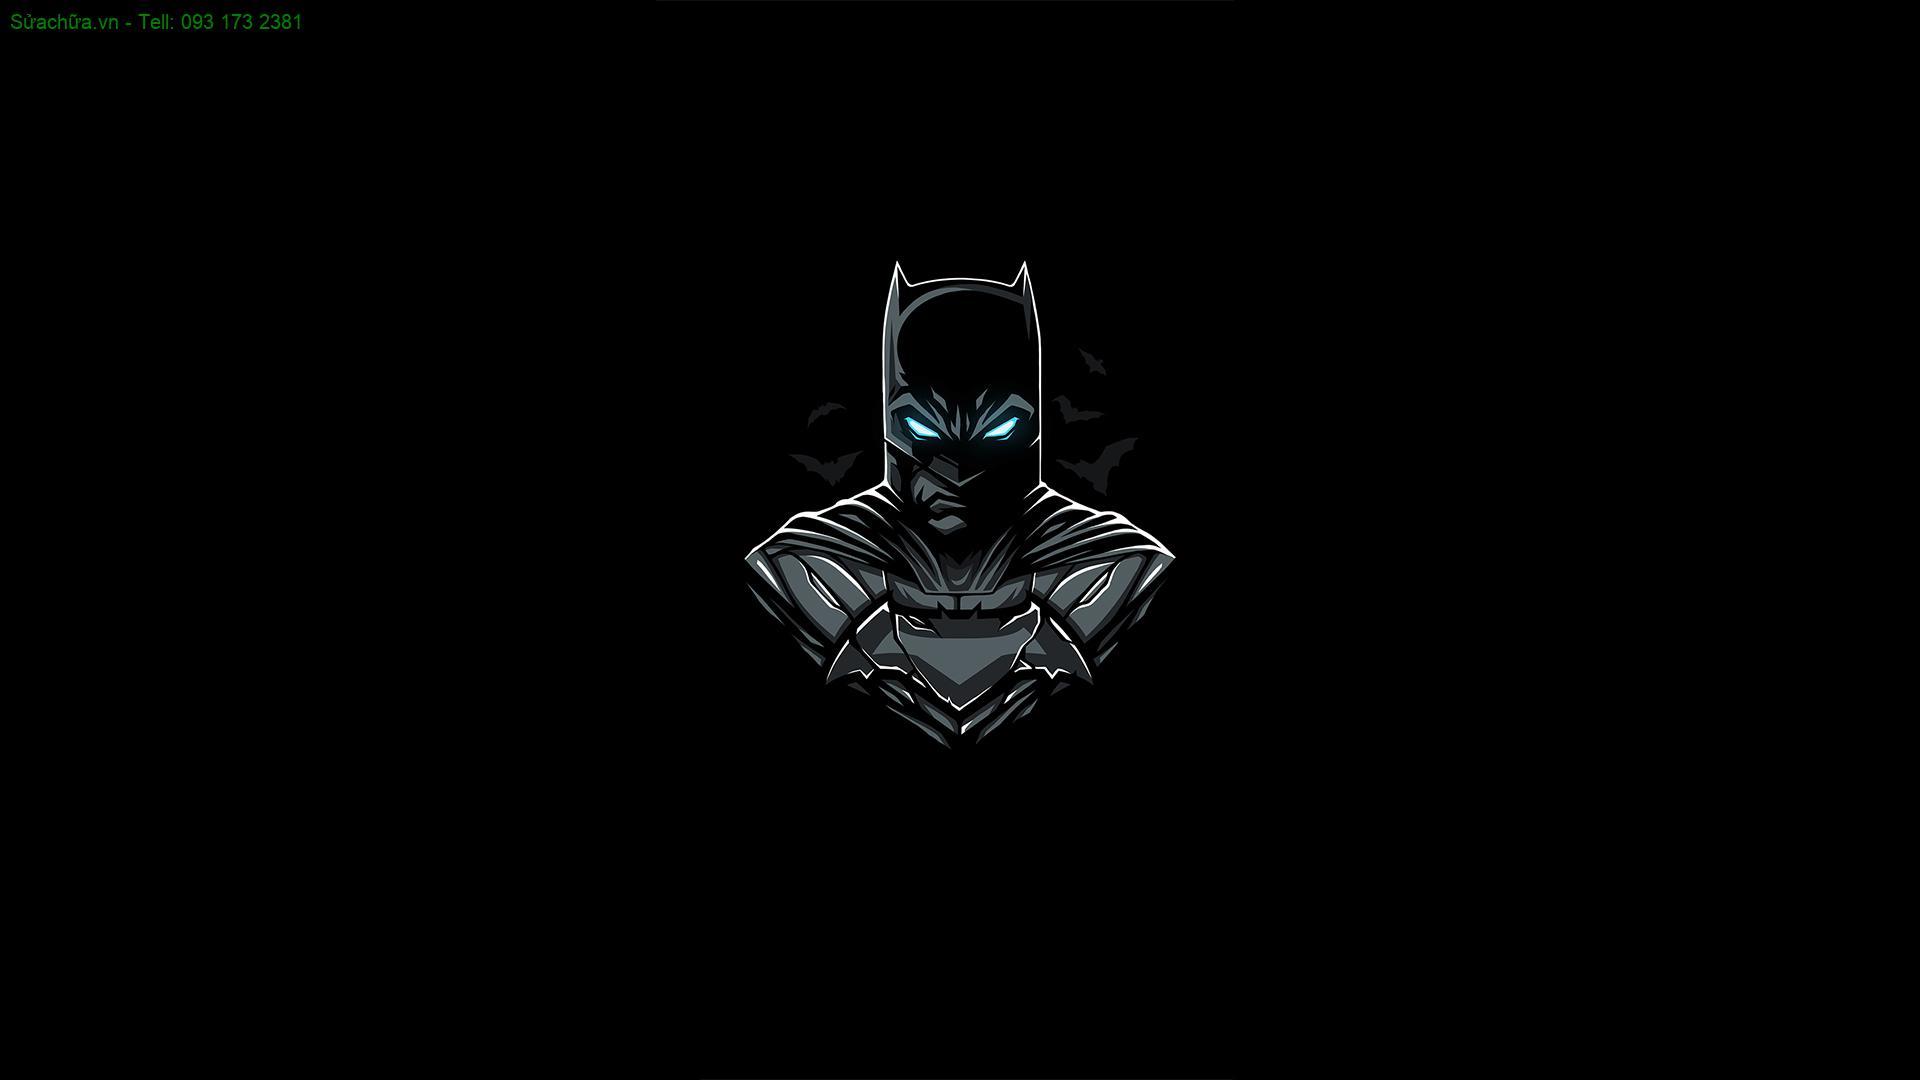 Hình nền đen Batman cực đẹp